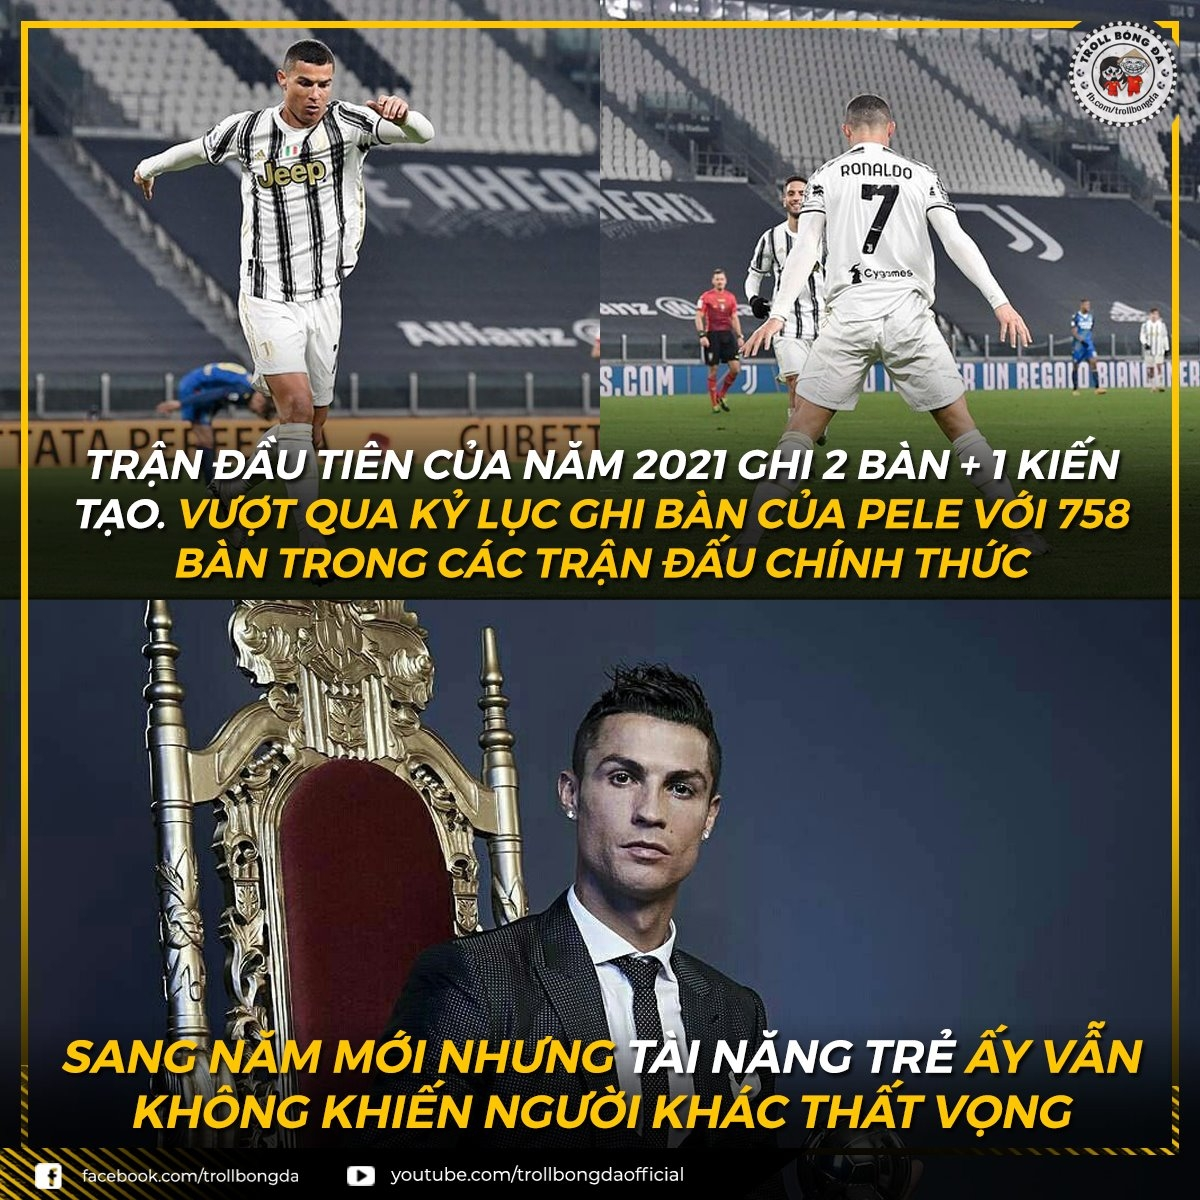 Cristiano Ronaldo vượt qua Vua bóng đá Pele. (Ảnh: Troll Bóng Đá)